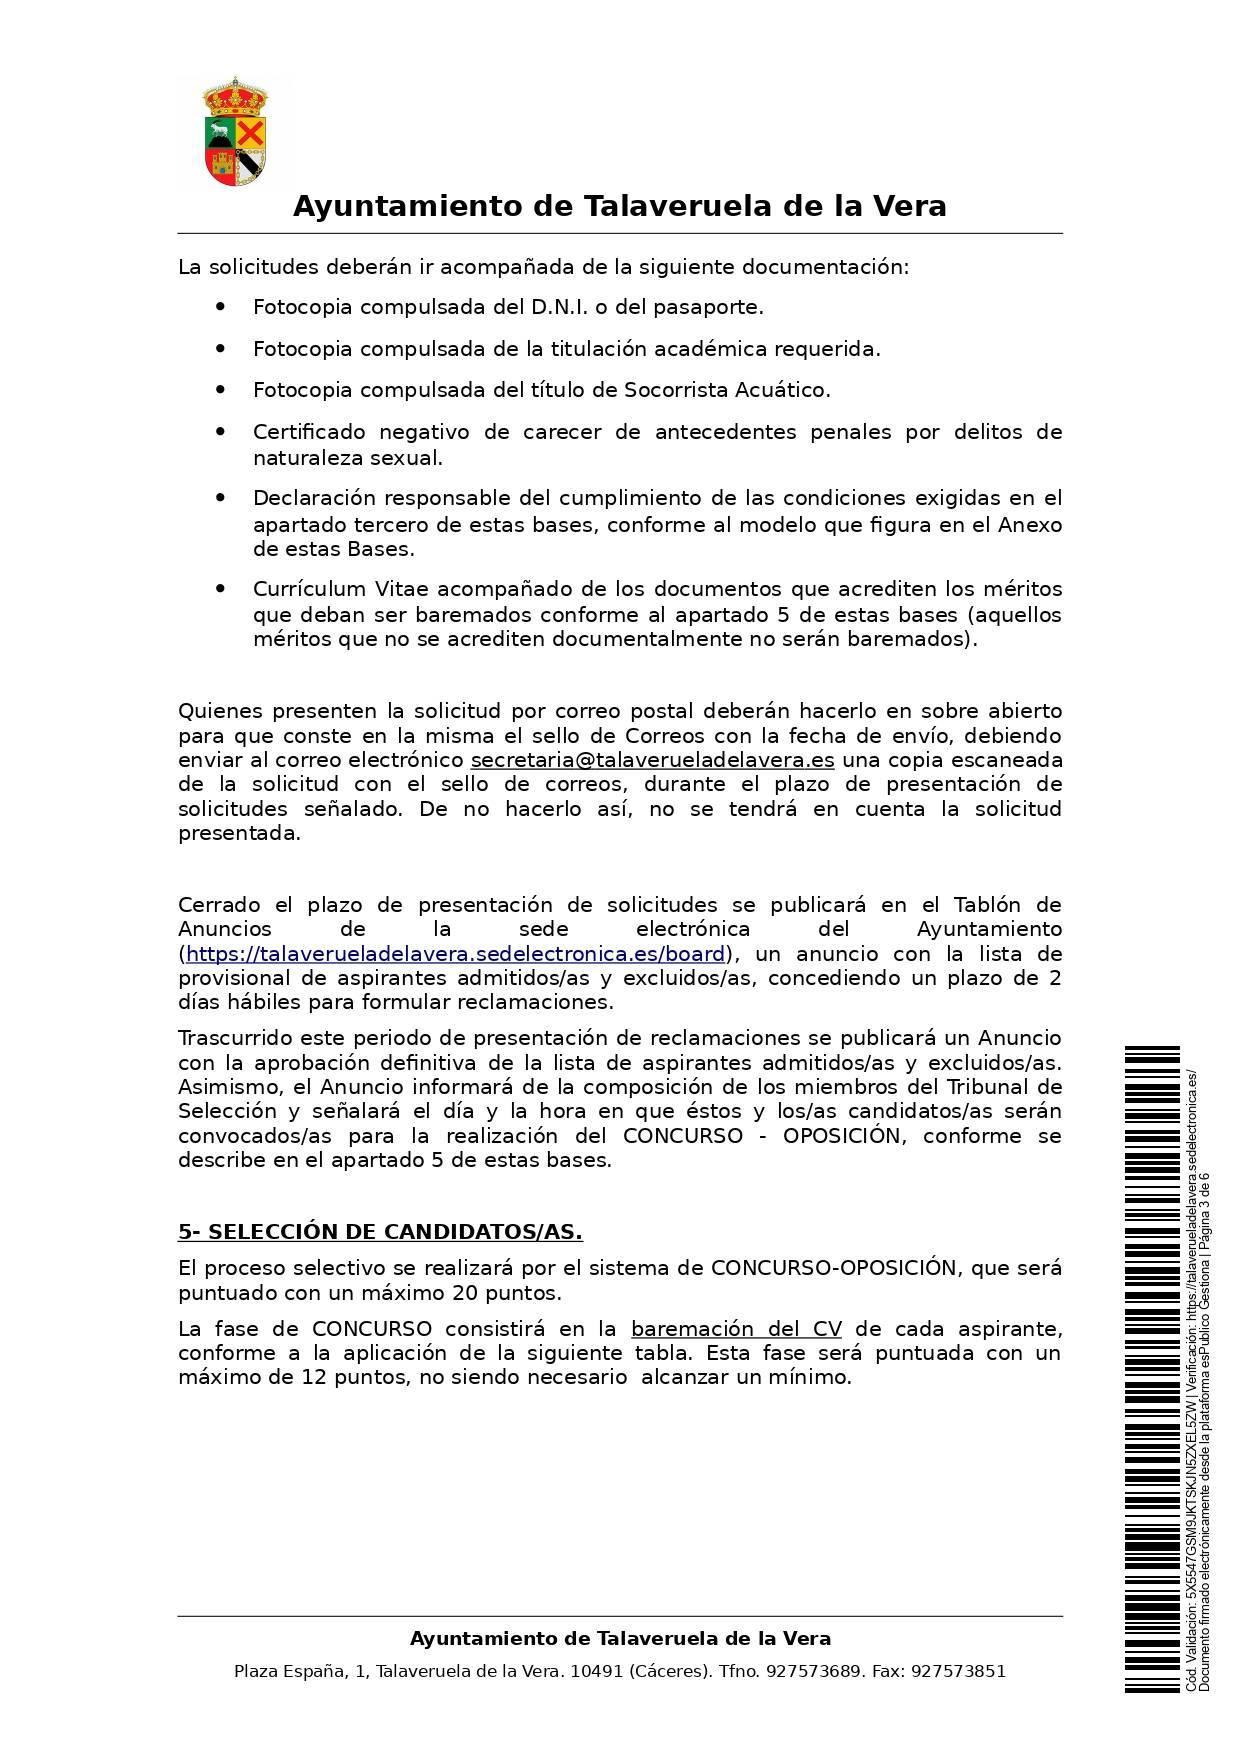 2 socorristas (2021) - Talaveruela de la Vera (Cáceres) 3